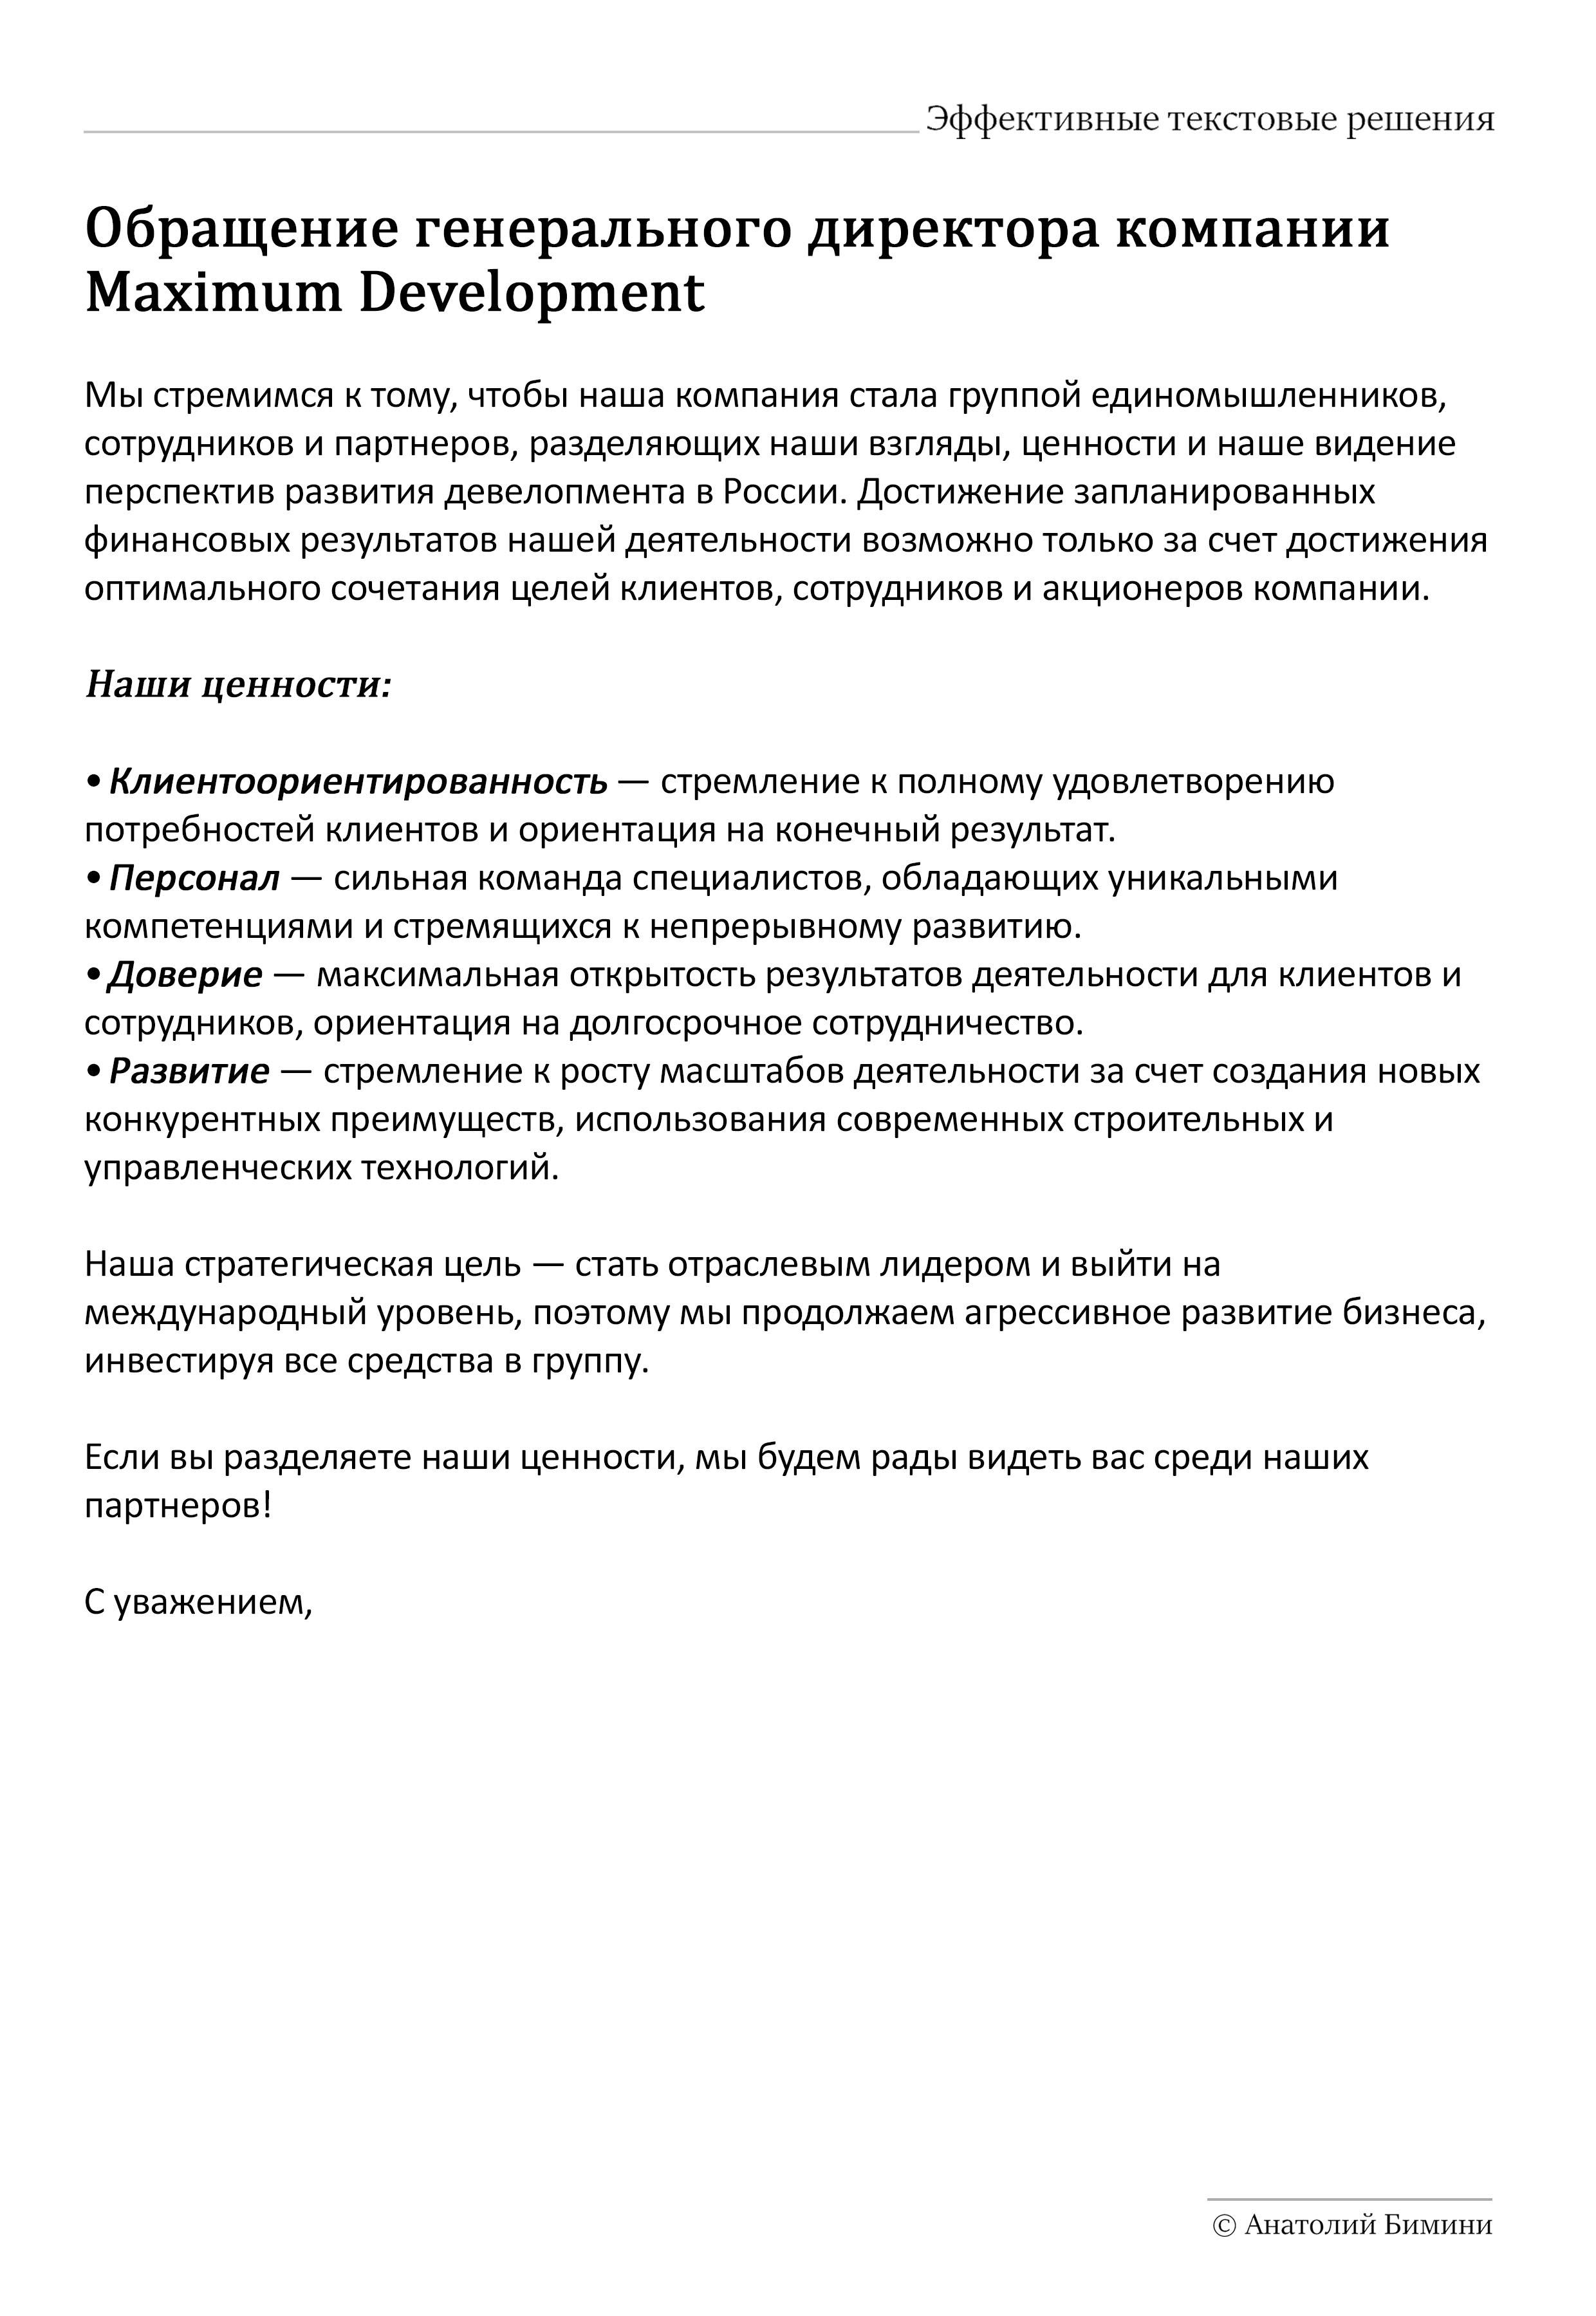 Обращение генерального директора девелоперской компании